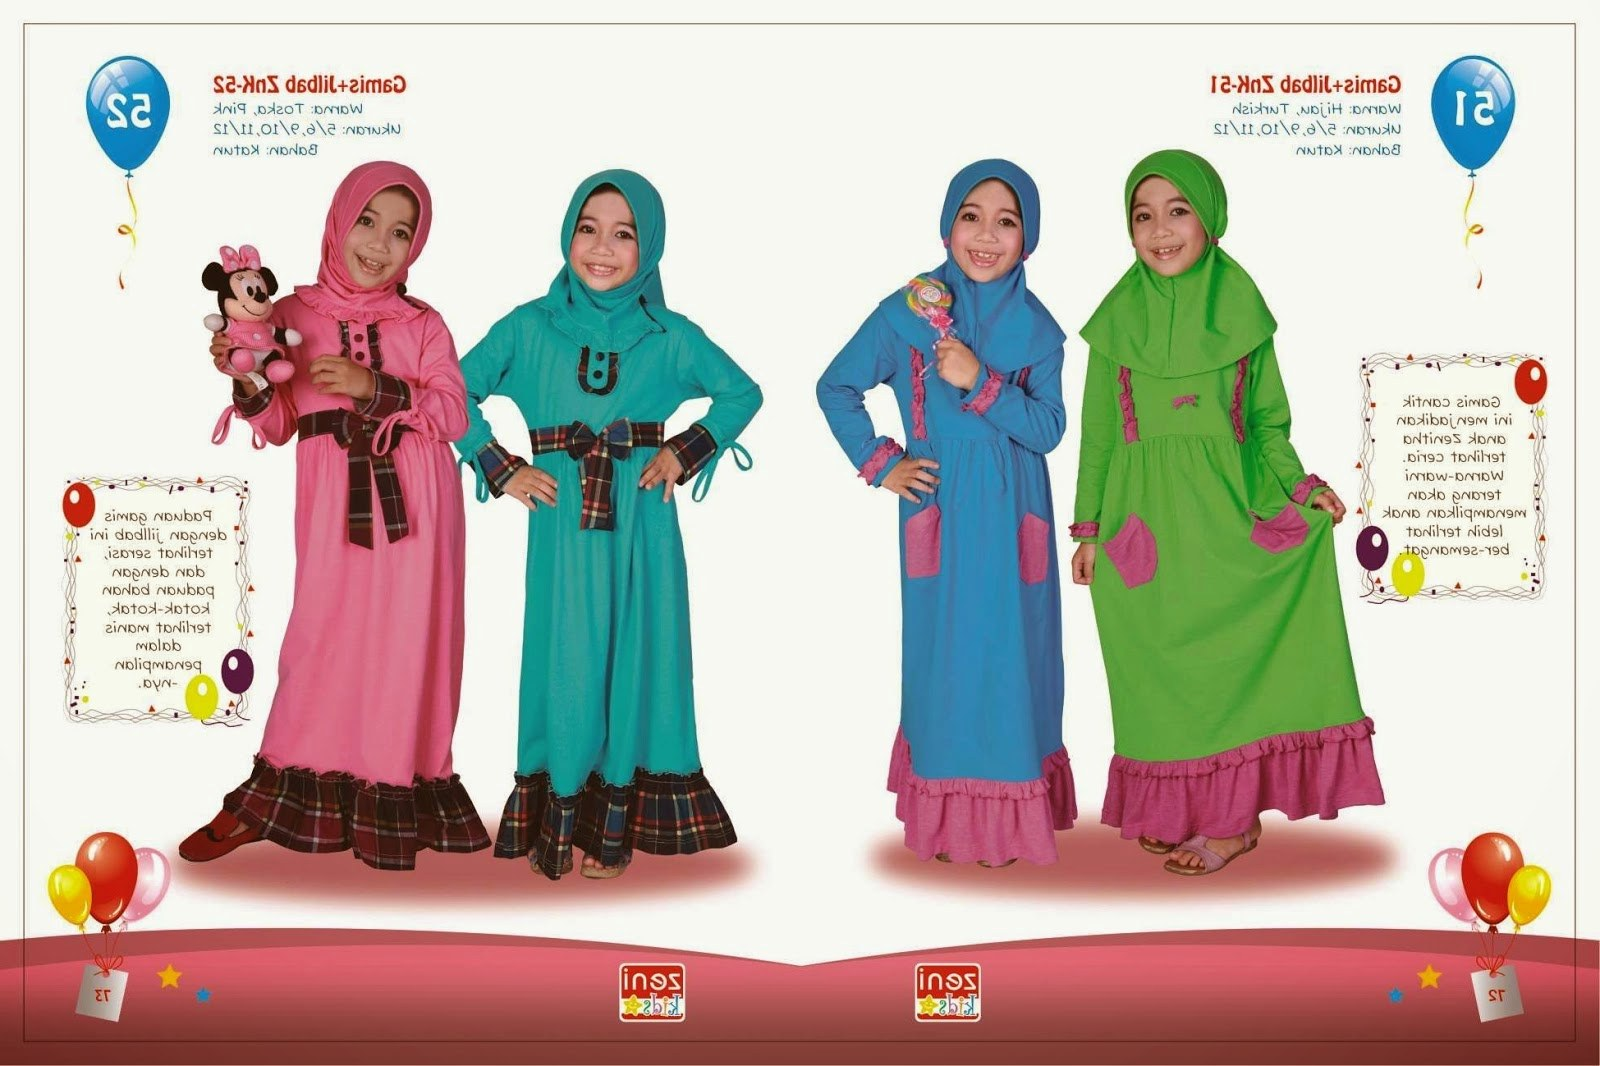 Inspirasi Baju Lebaran Buat Anak Etdg Baju Lebaran Anak Setelan Gamis Yang Imut Dan Lucu 2015